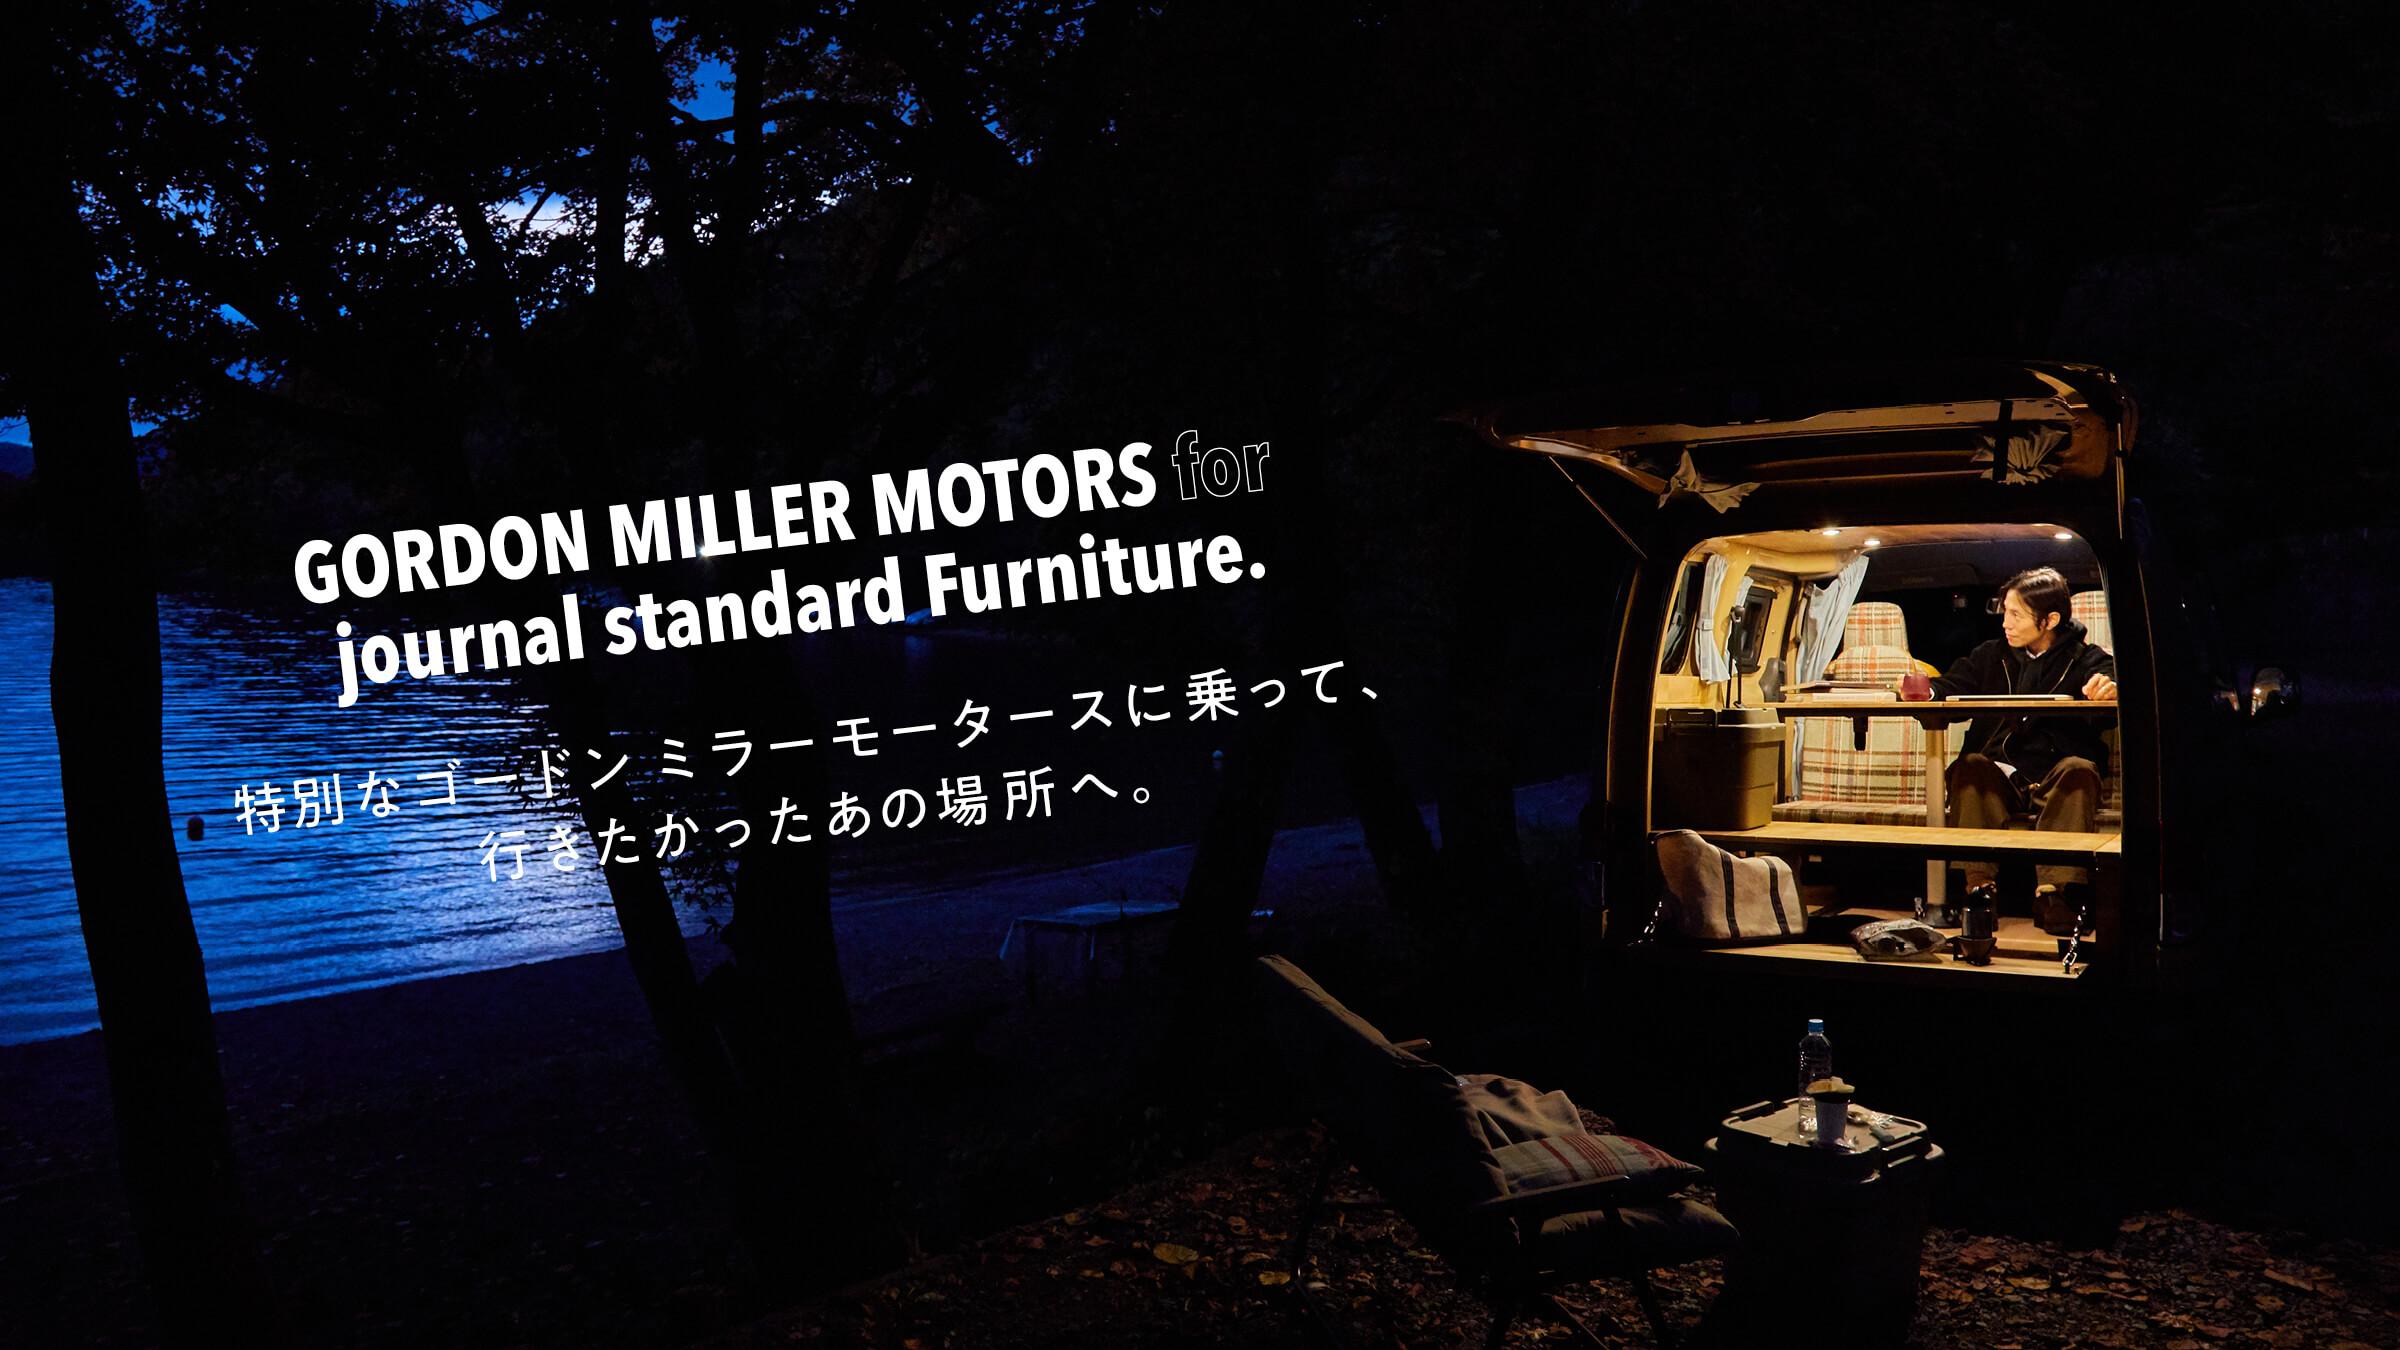 特別なゴードン ミラー モータースに乗って、行きたかったあの場所へ。